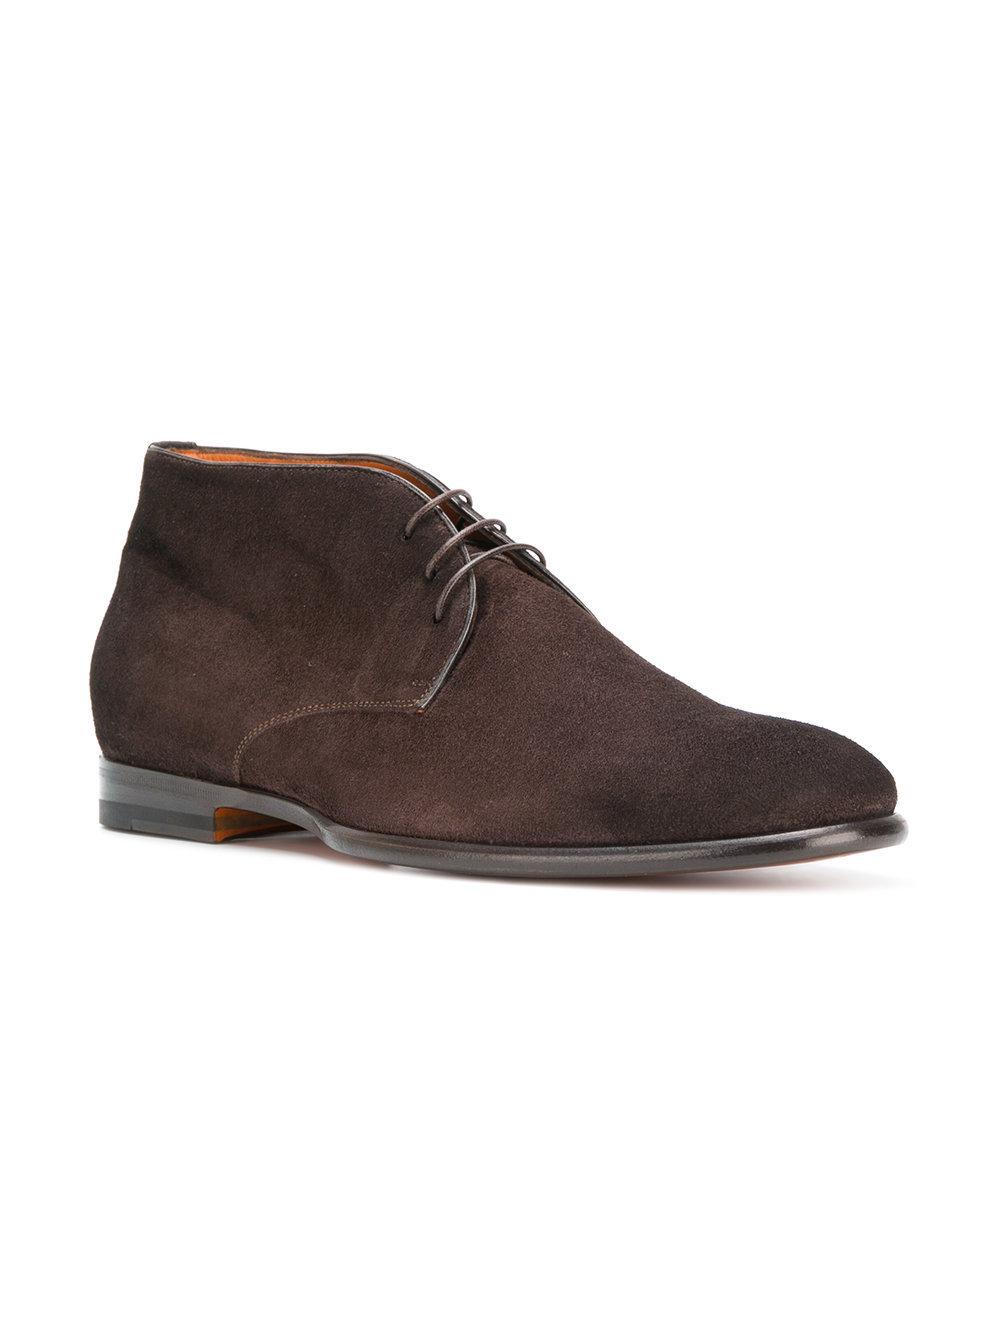 Santoni Lace Up Ankle Boots